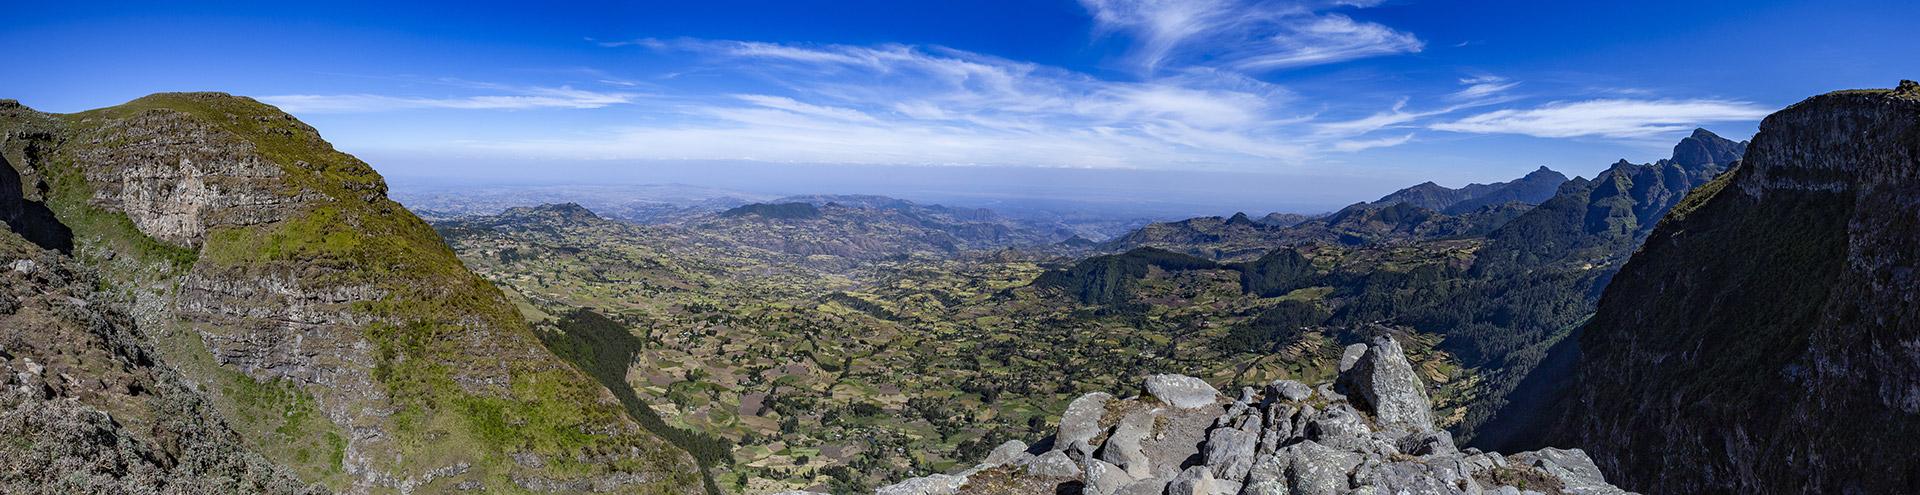 Blick in eine vulkanische Landschaft